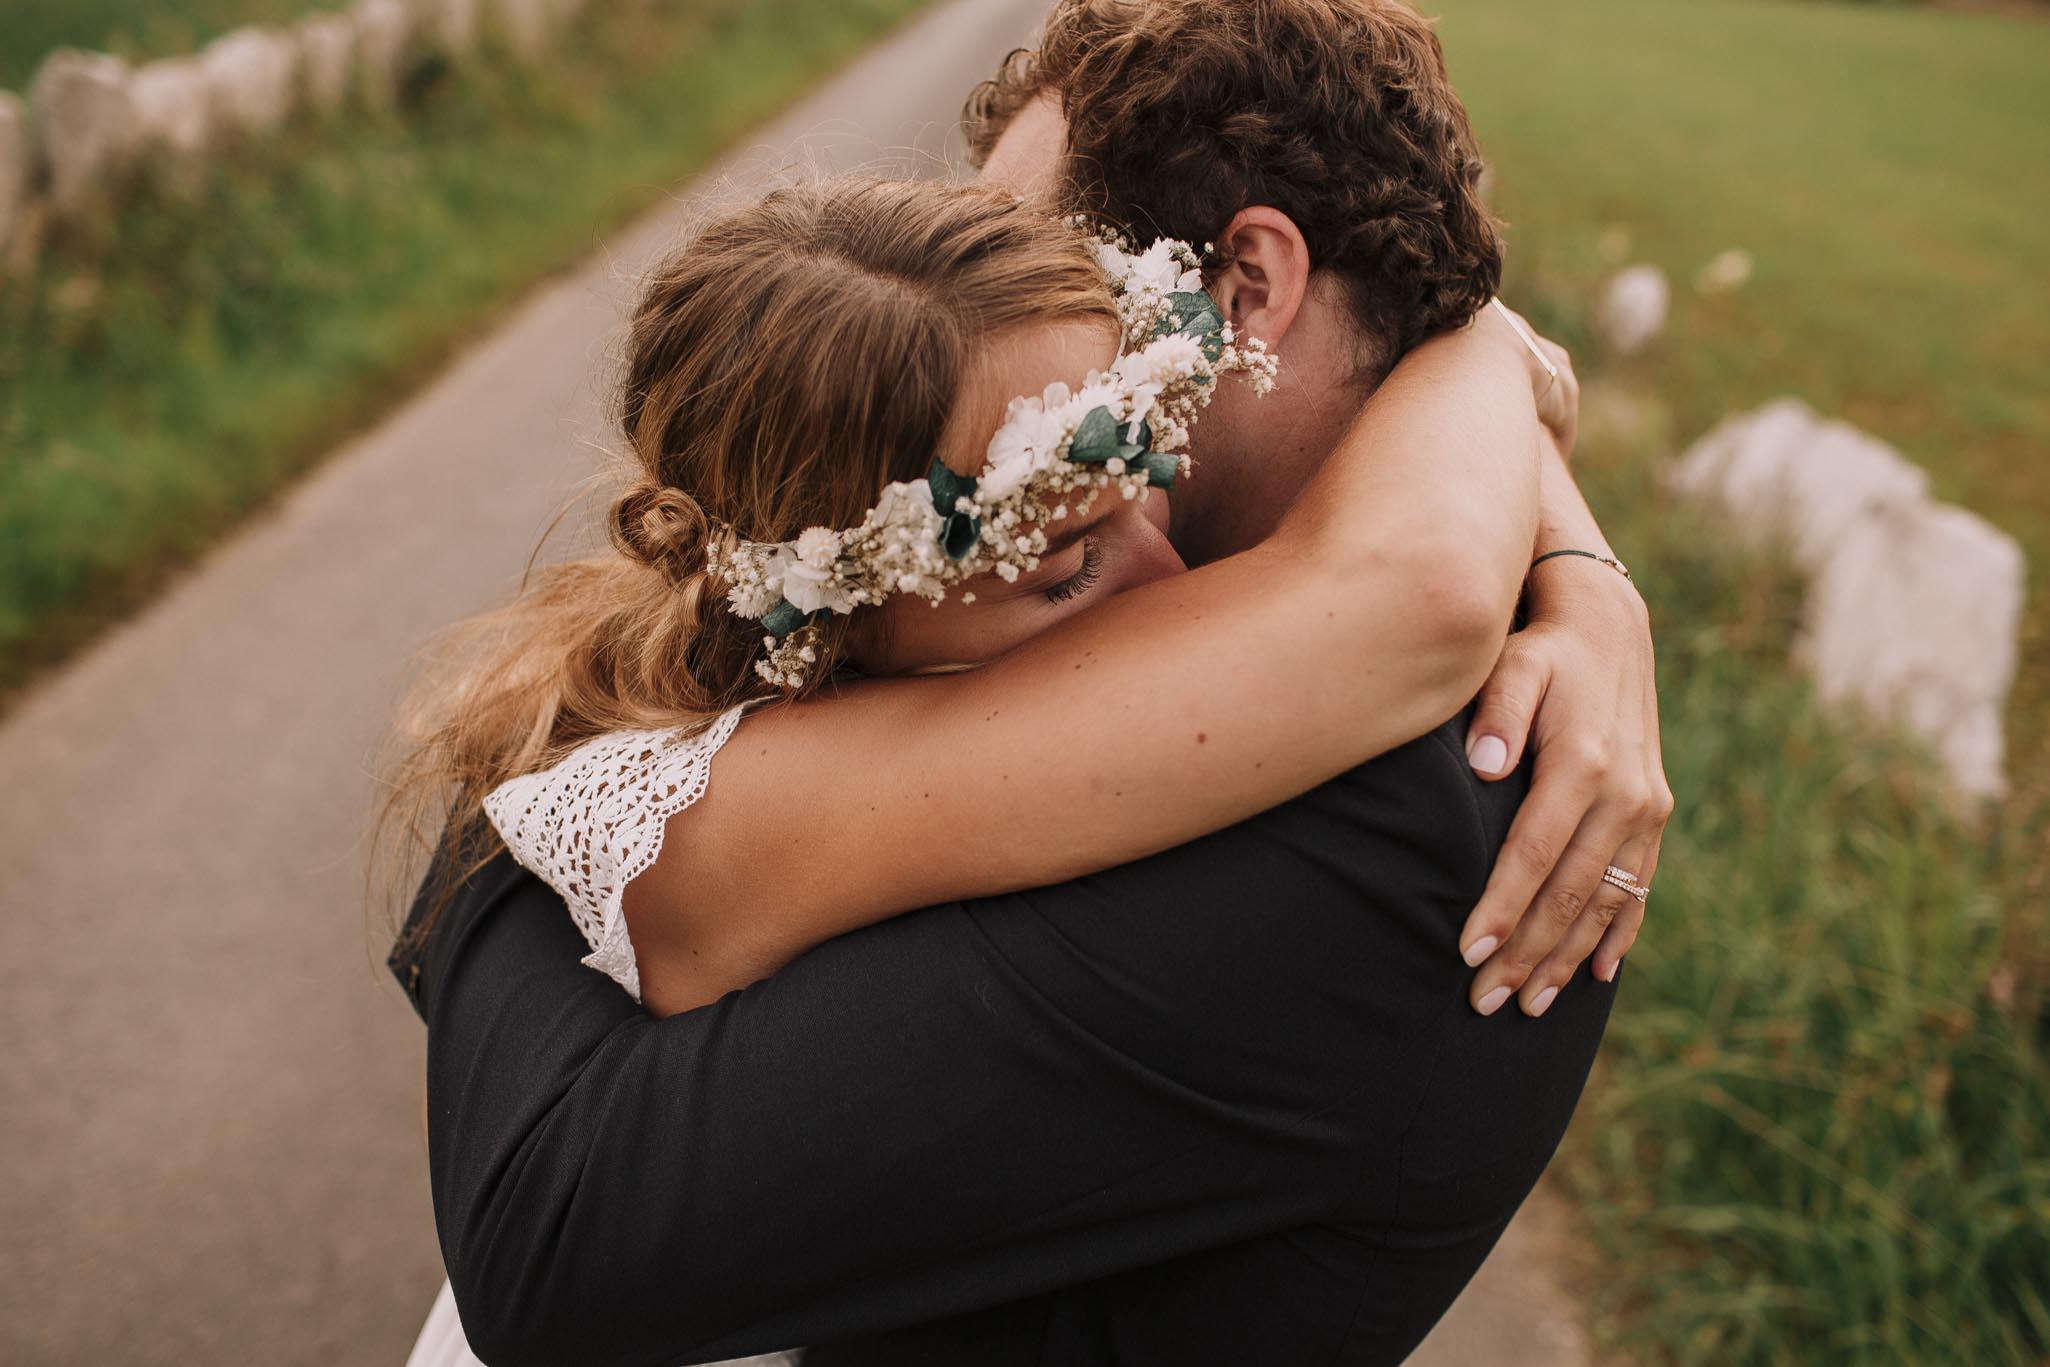 Photographe-mariage-bordeaux-jeremy-boyer-pays-basque-ihartze-artea-sare-robe-eleonore-pauc-couple-amour-125.jpg